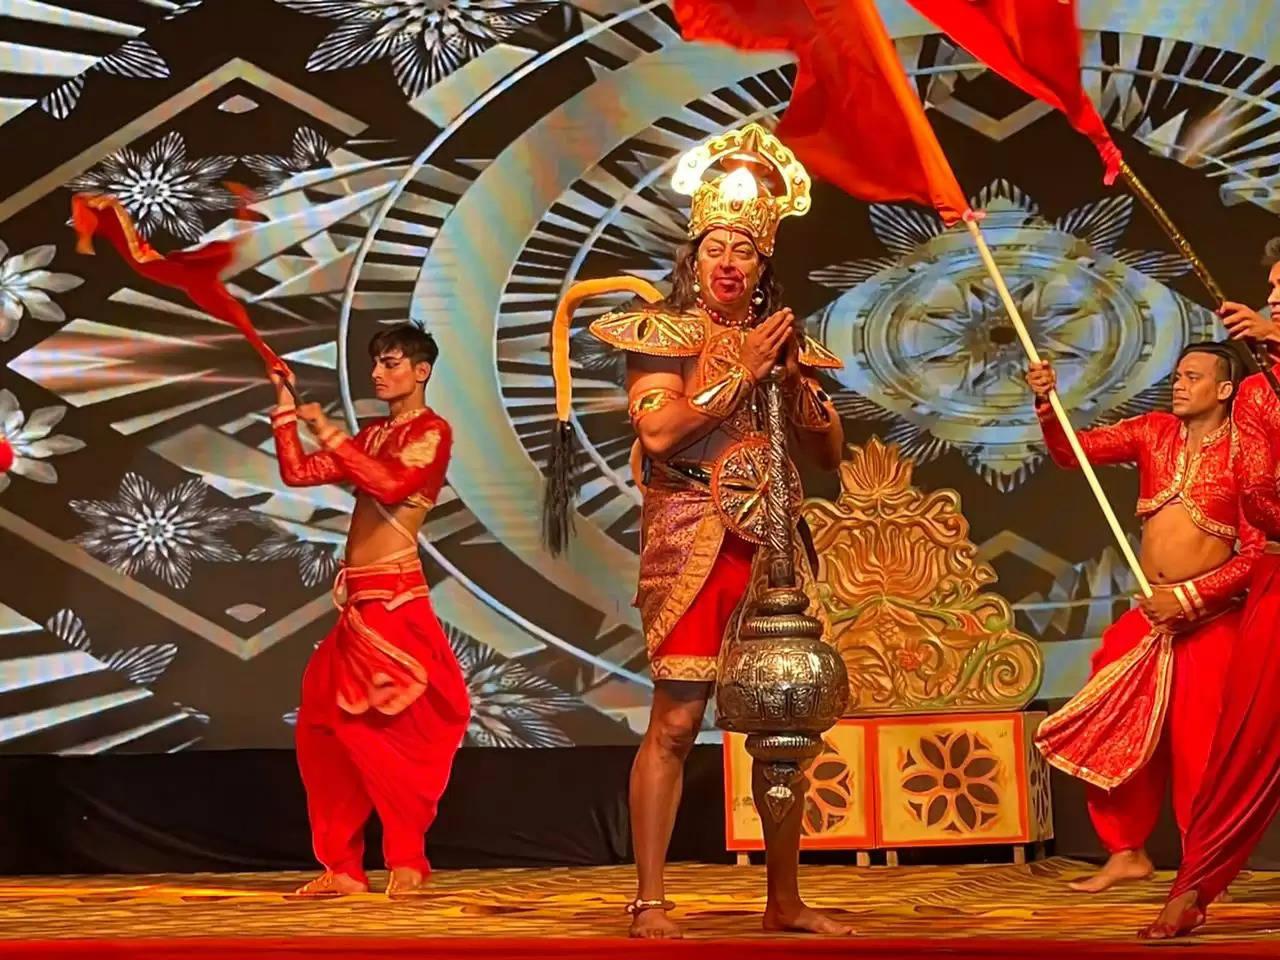 अयोध्या की रामलीला में हनुमान जी की भूमिका निभा रहे बिंदु दारा सिंह ने किए रामलला के दर्शन